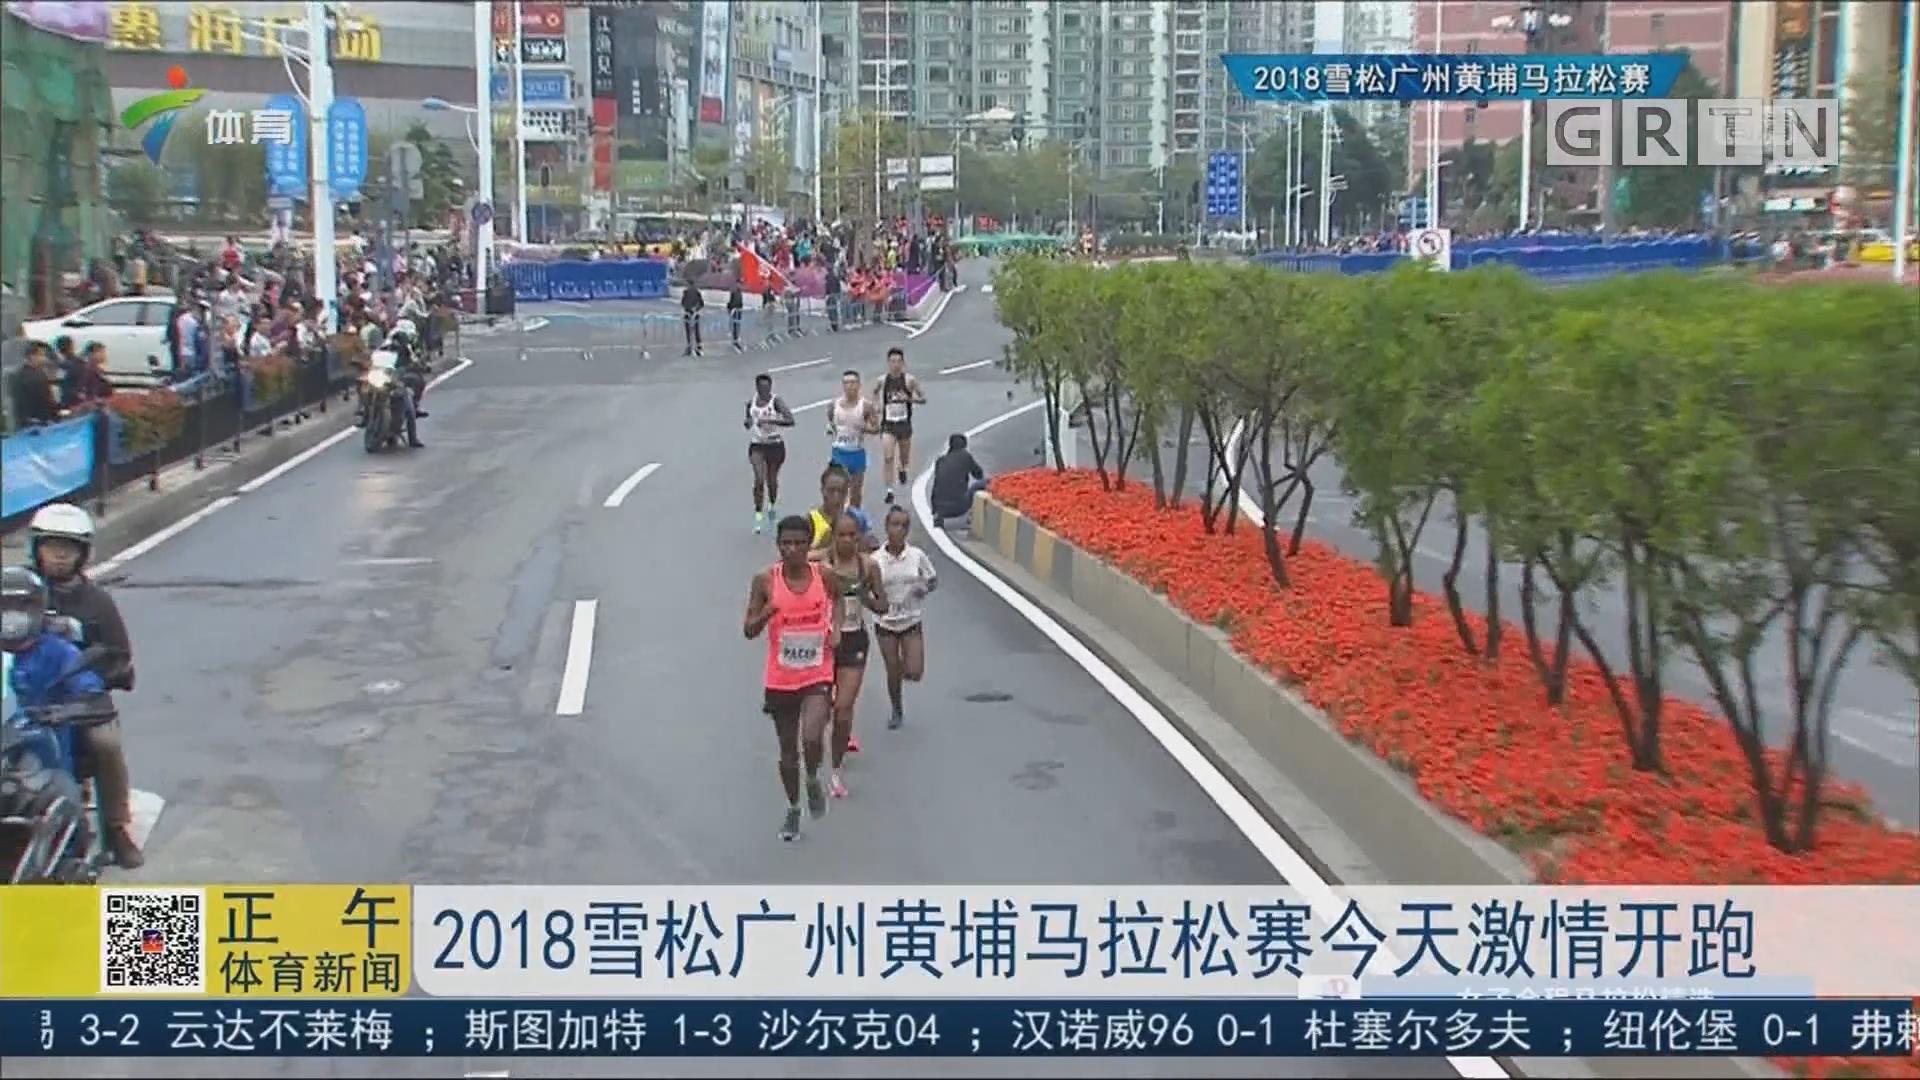 2018雪松广州黄埔马拉松赛今天激情开跑